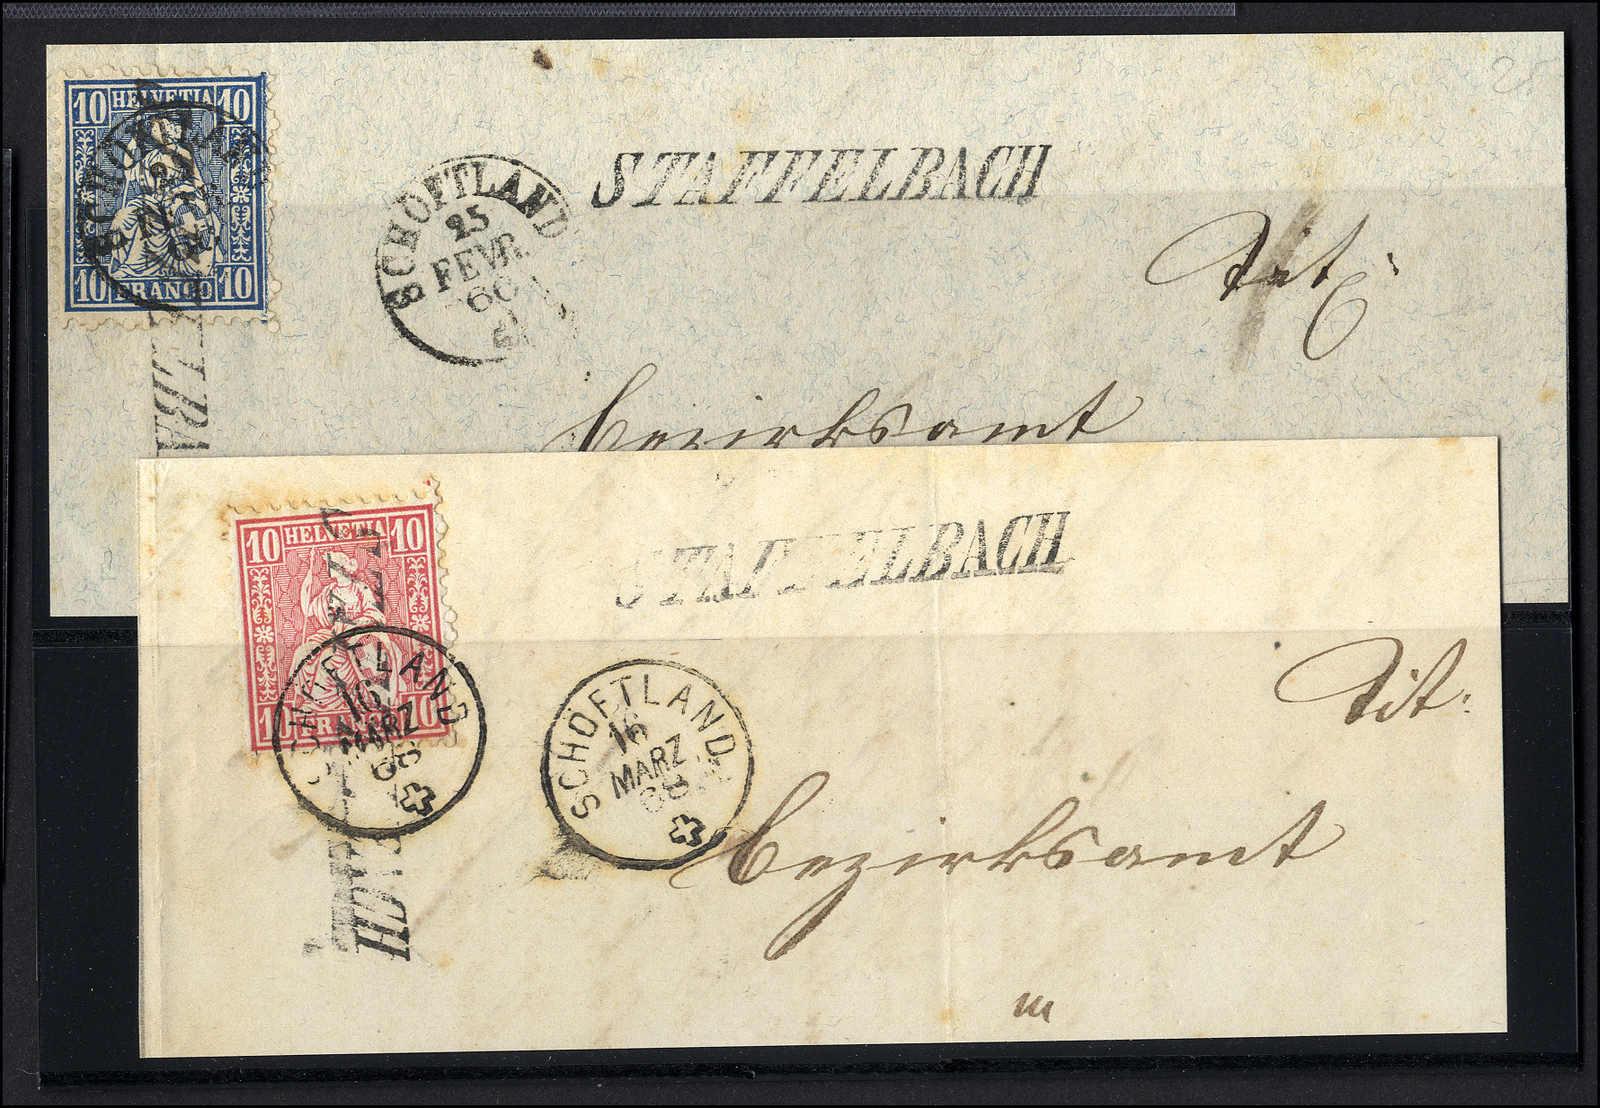 Lot 109 - schweiz Schweiz Sitzende Helvetia gezähnt -  Rolli Auctions Auction #68 Day 1